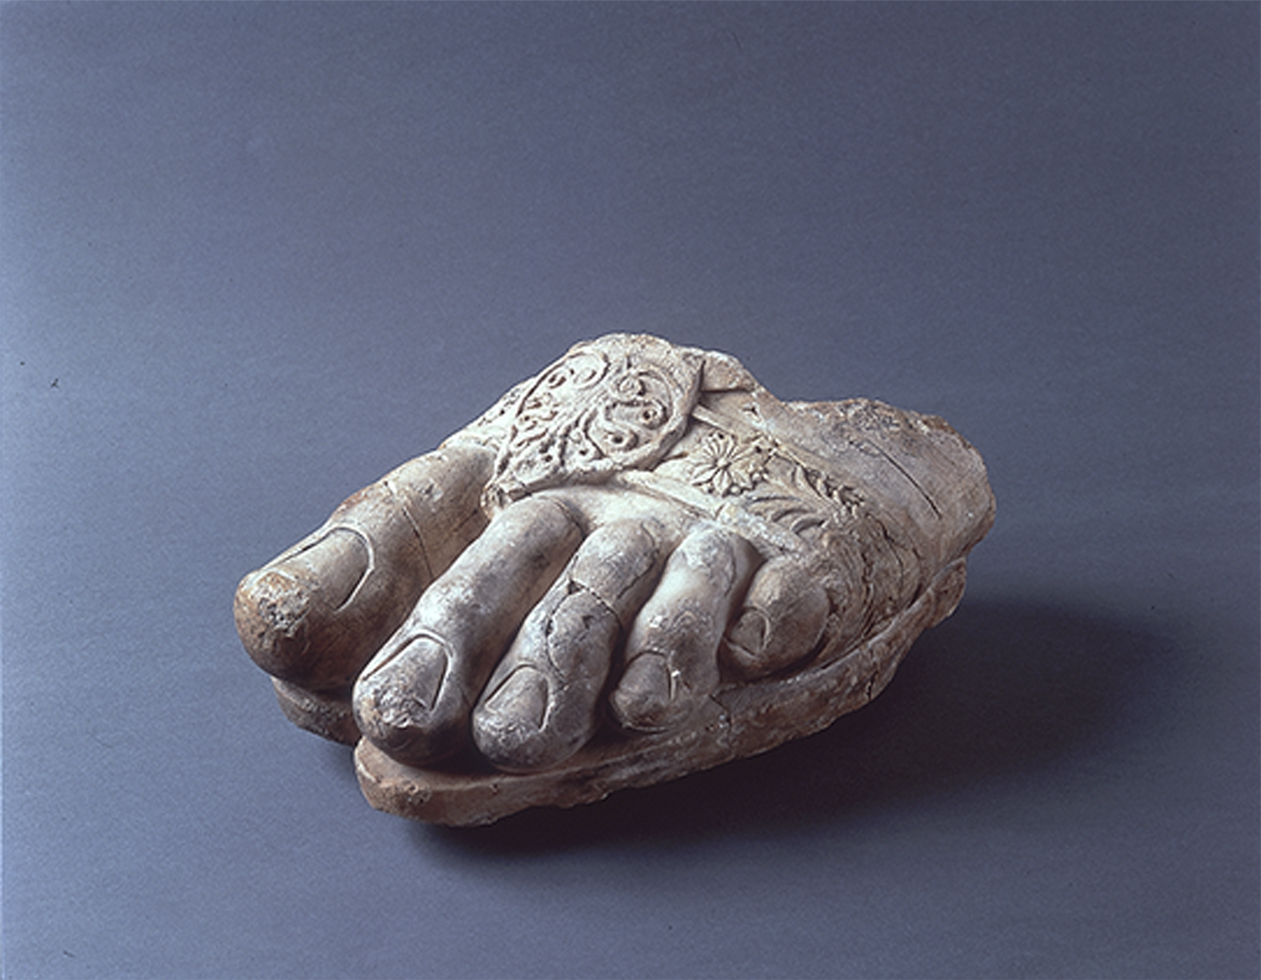 「ゼウス神像左足断片」 前3世紀 アイ・ハヌム出土、素材:大理石 所蔵元:流出文化財保護日本委員会保管